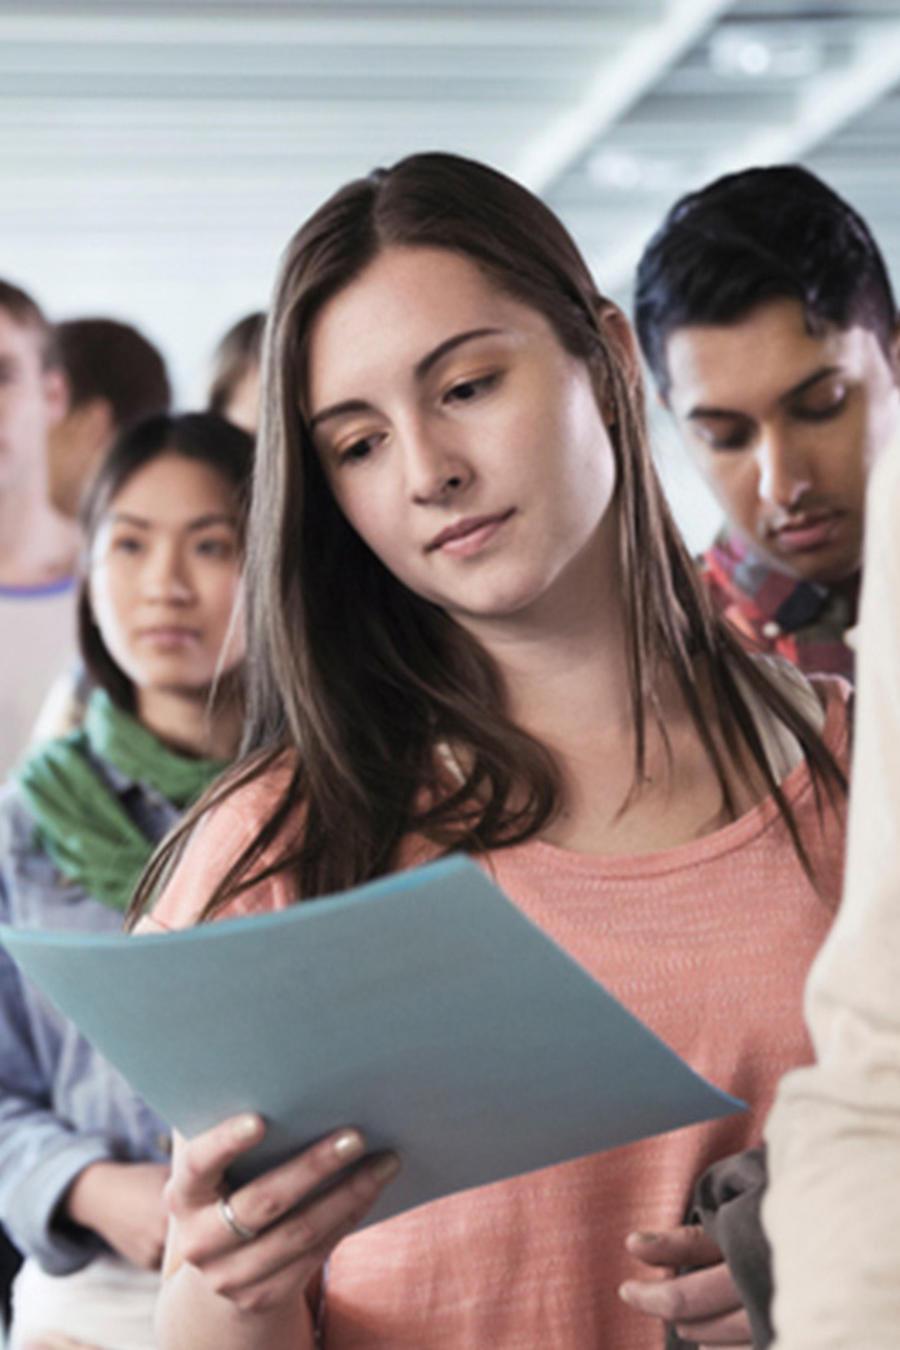 Mujer joven lee en fila un ensayo de admisión